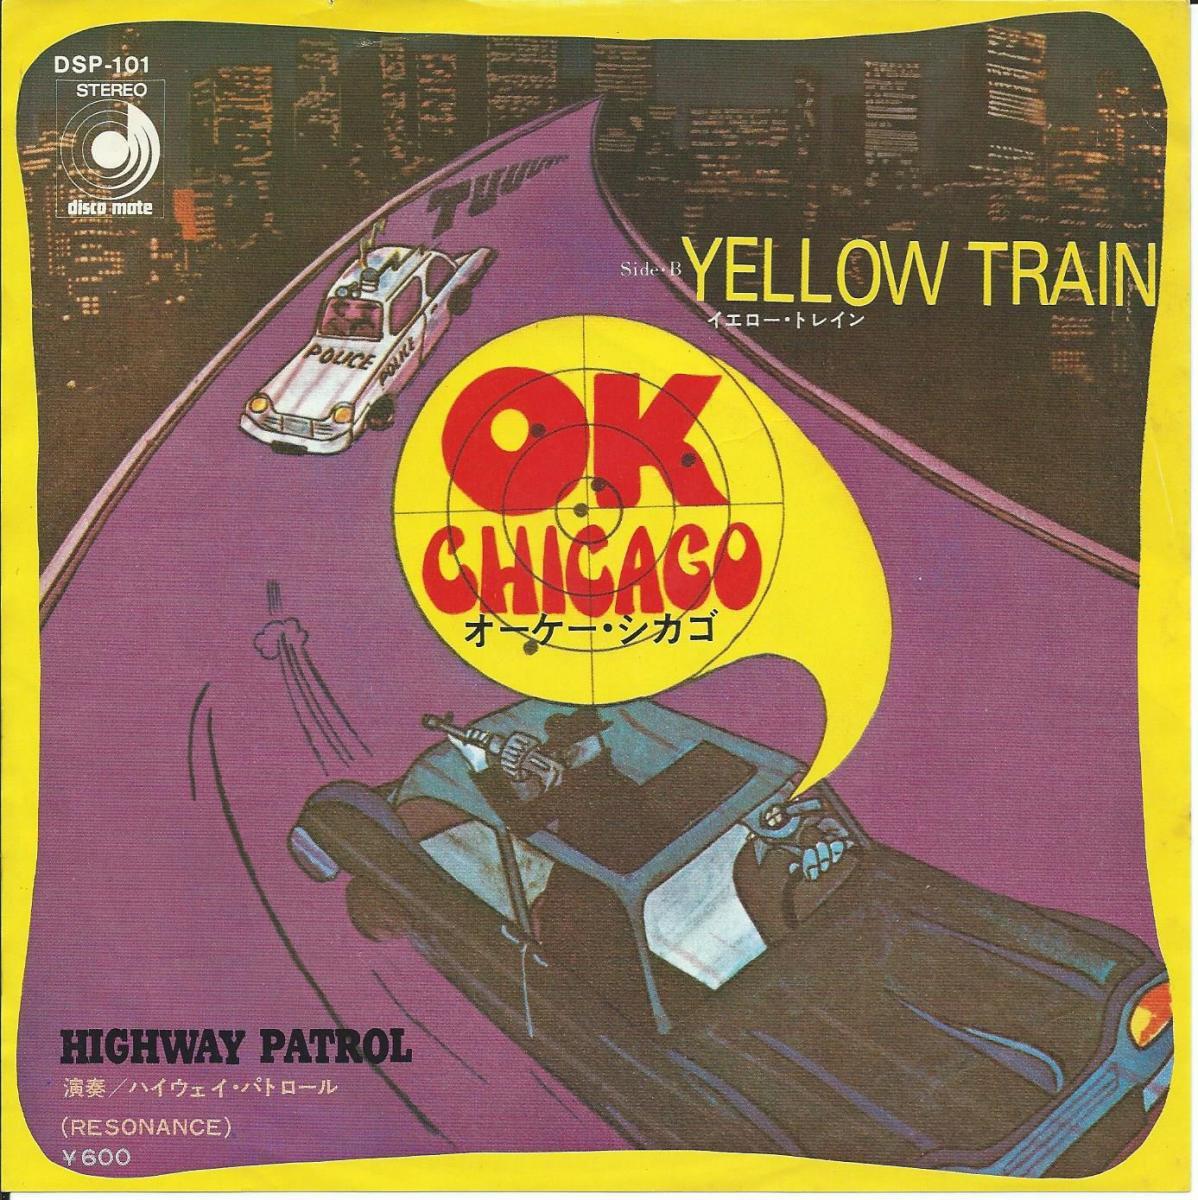 ハイウェイ・パトロール HIGHWAY PATROL (RESONANCE) / オーケー・シカゴ O.K. CHICAGO (7